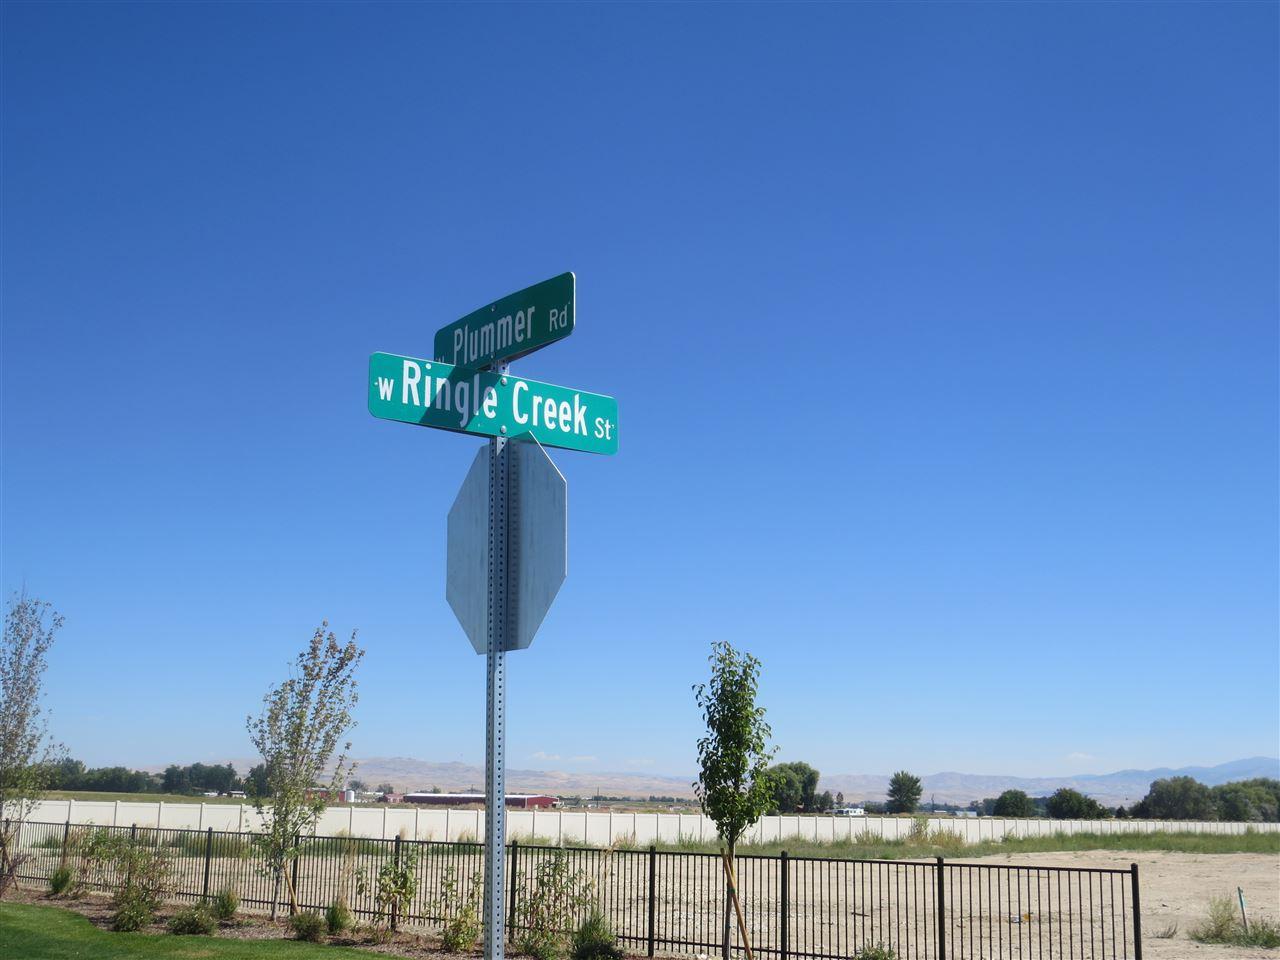 9436 W Ringle Creek St., Star, ID 83669